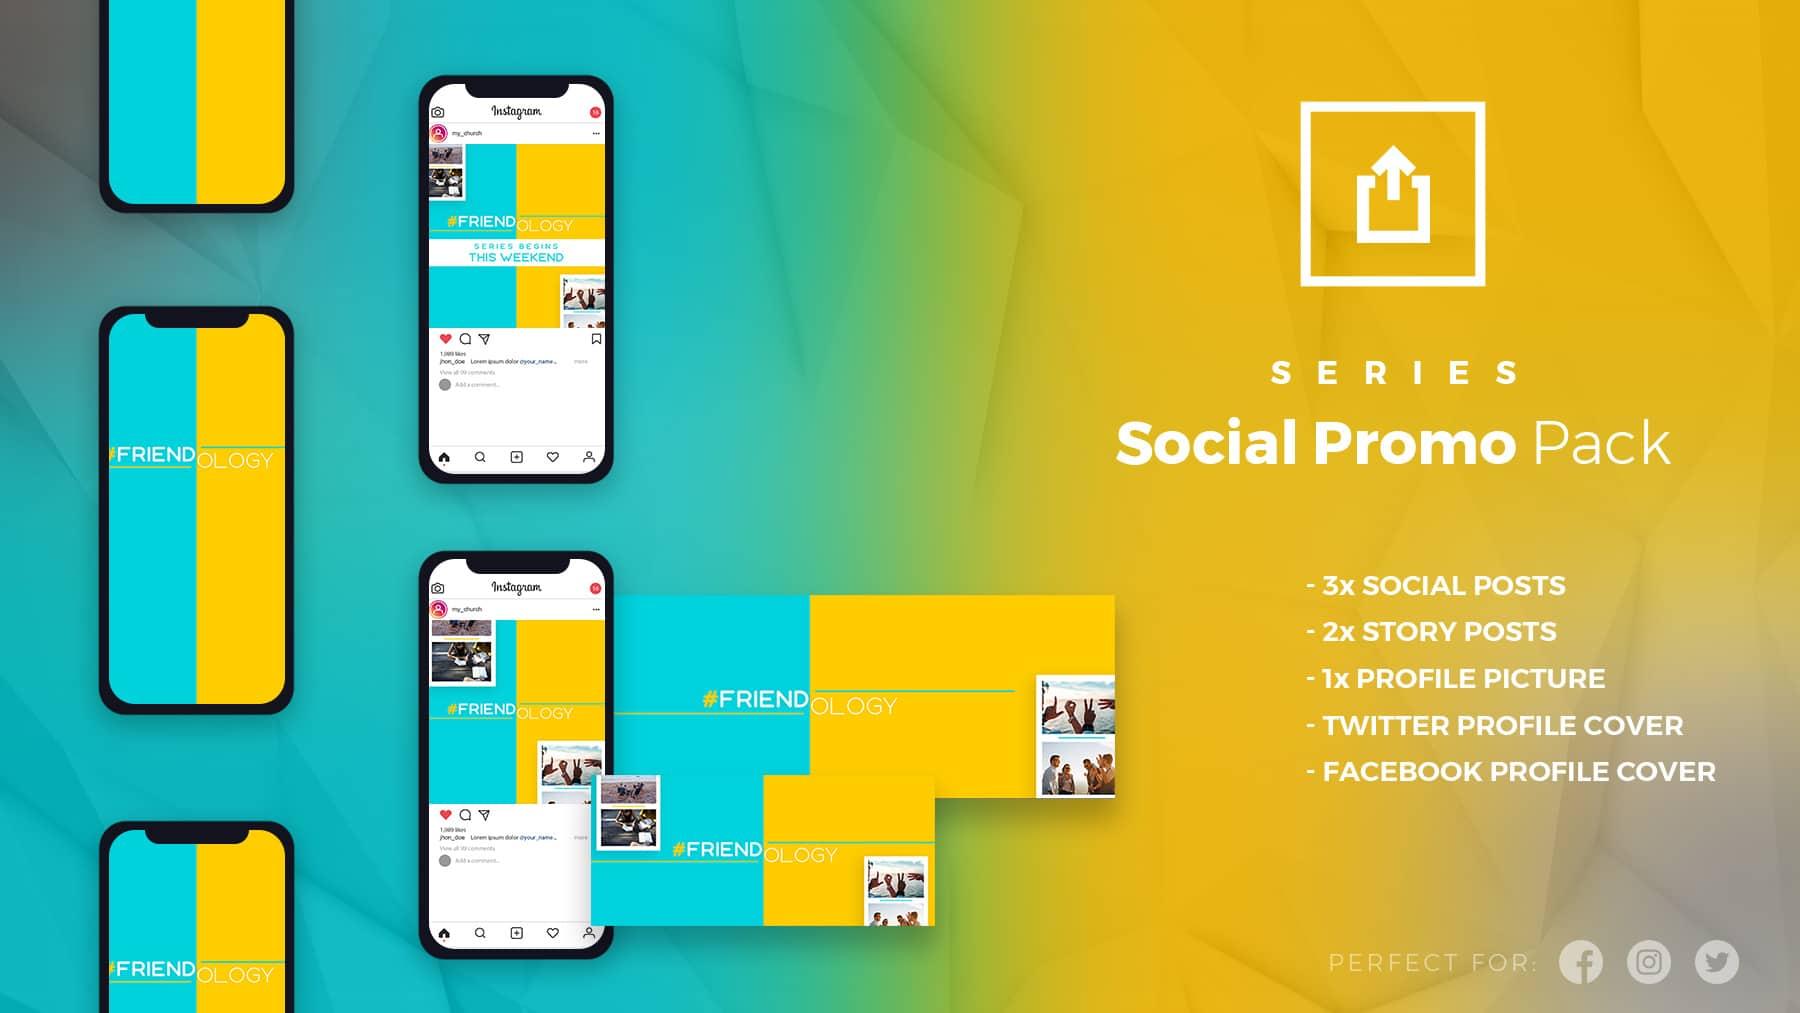 Frnd Social Promo